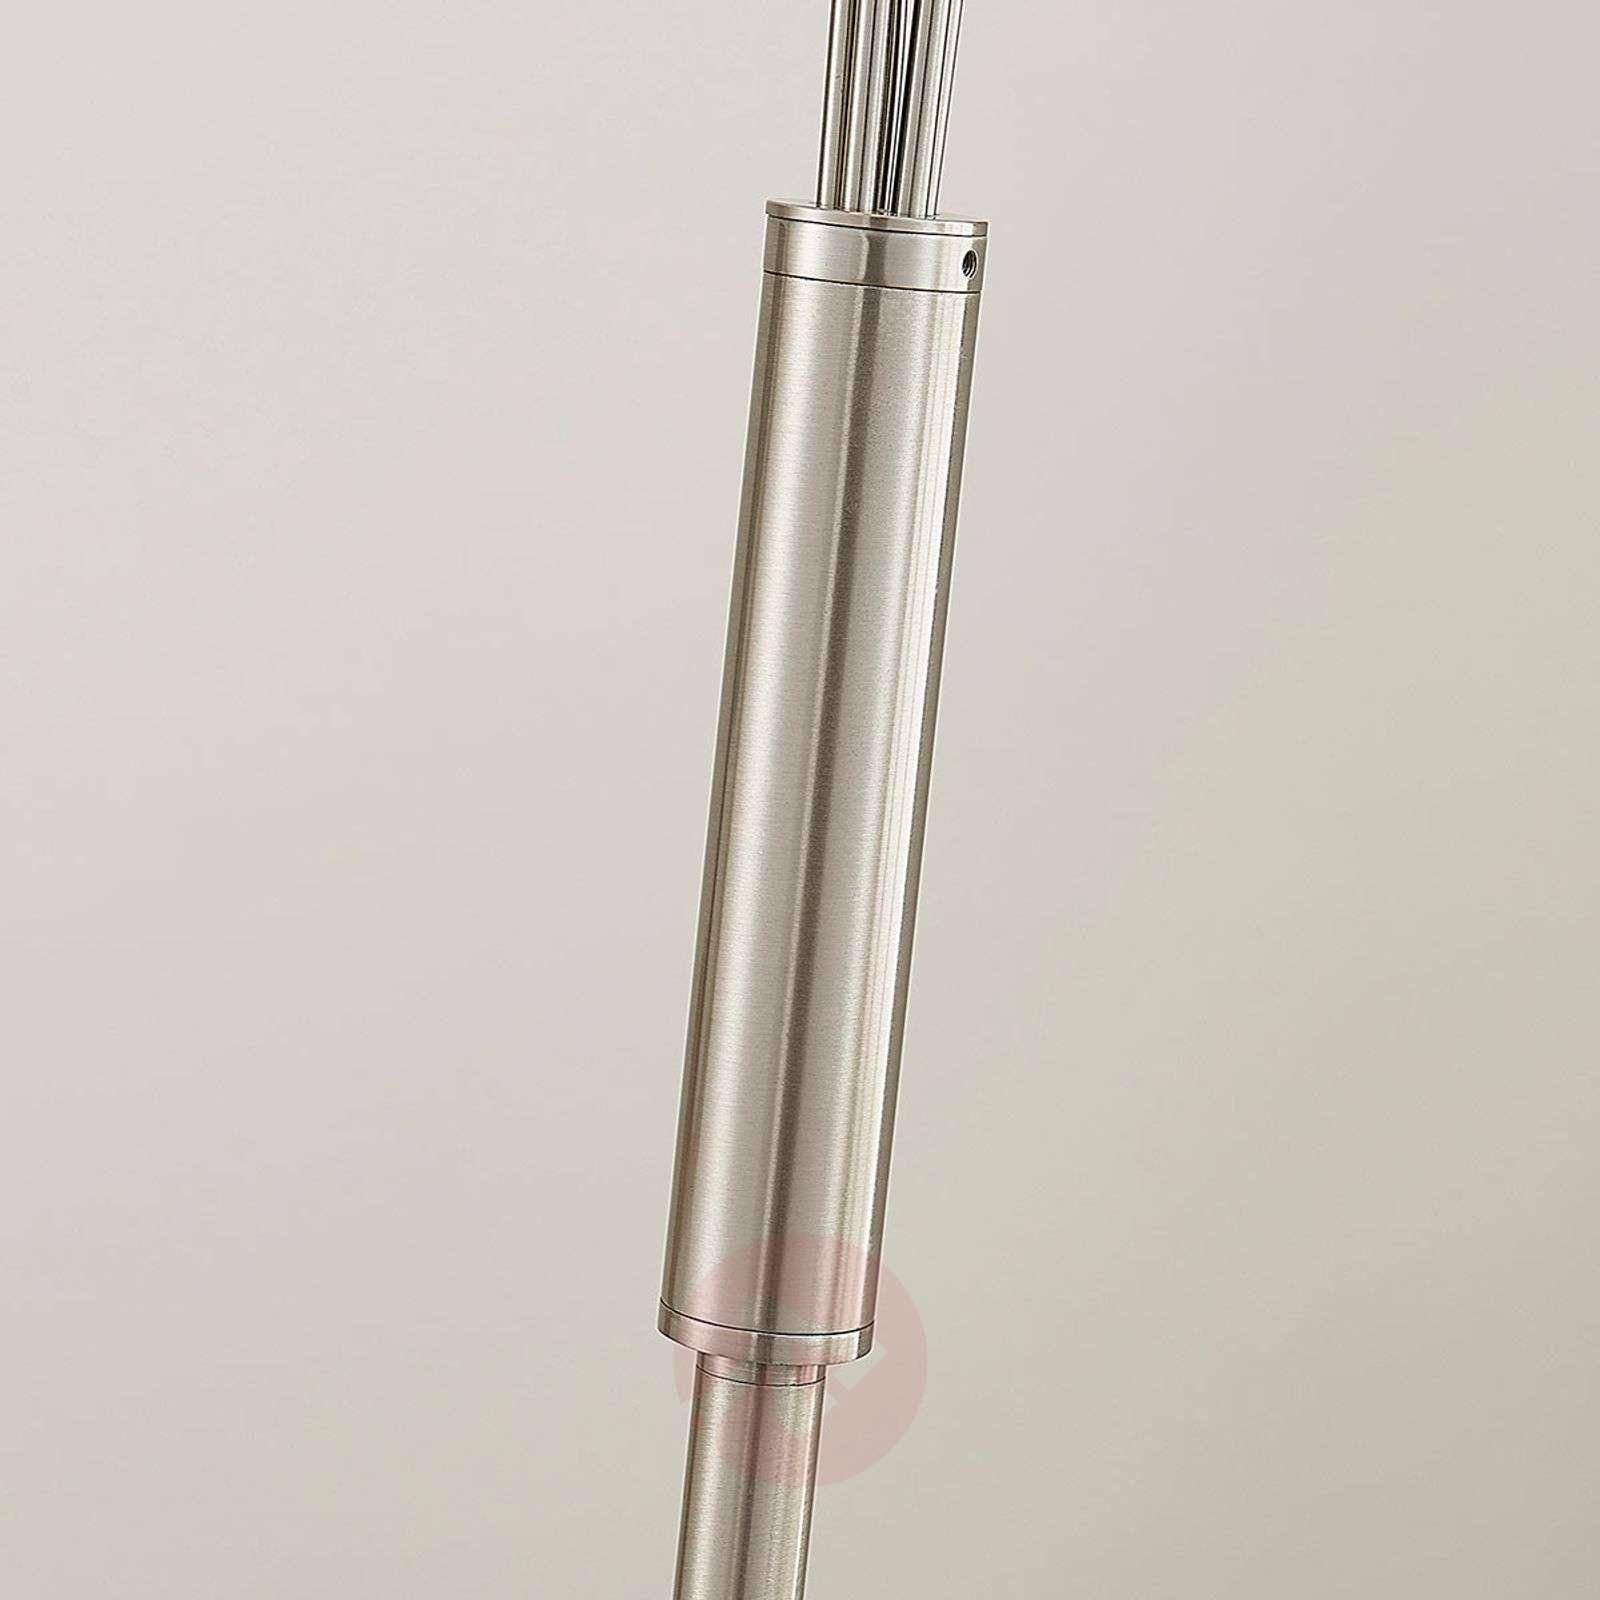 Leikkisältä vaikuttava LED-lattialamppu Deyan-9621947-01